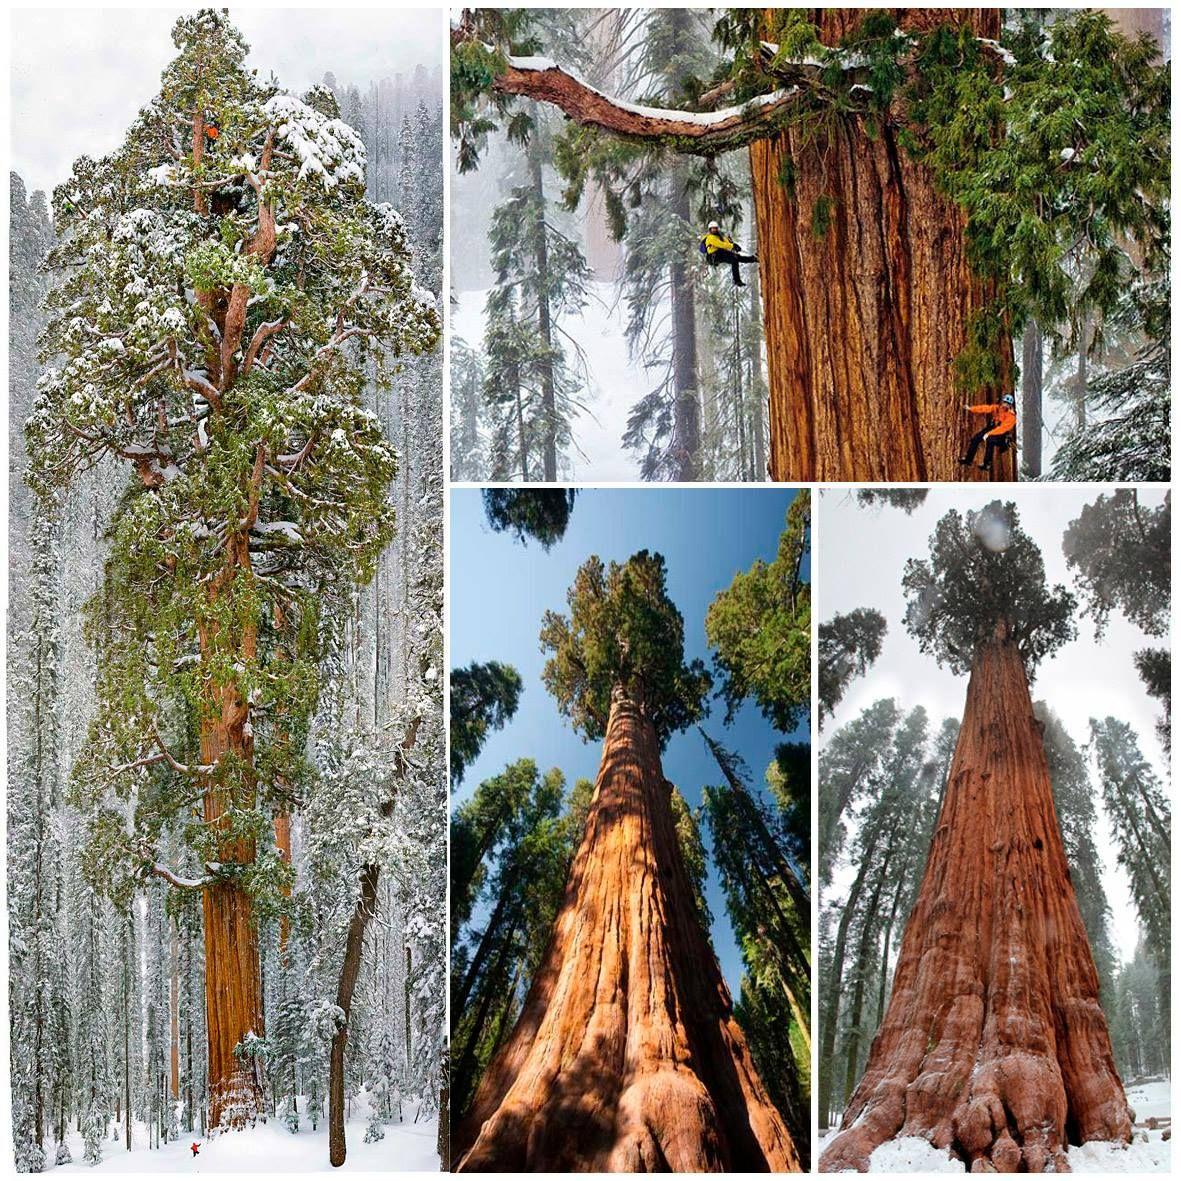 Esta secuoya gigante tiene 3.200 años aproximadamente de antigüedad. Ha resistido miles de tormentas, duros inviernos , terremotos, e incluso el cambio climático. Este árbol que nunca había sido fotografiado en su totalidad, fue capturado finalmente. La fotografía final es un mosaico de 126 imágenes. Info: